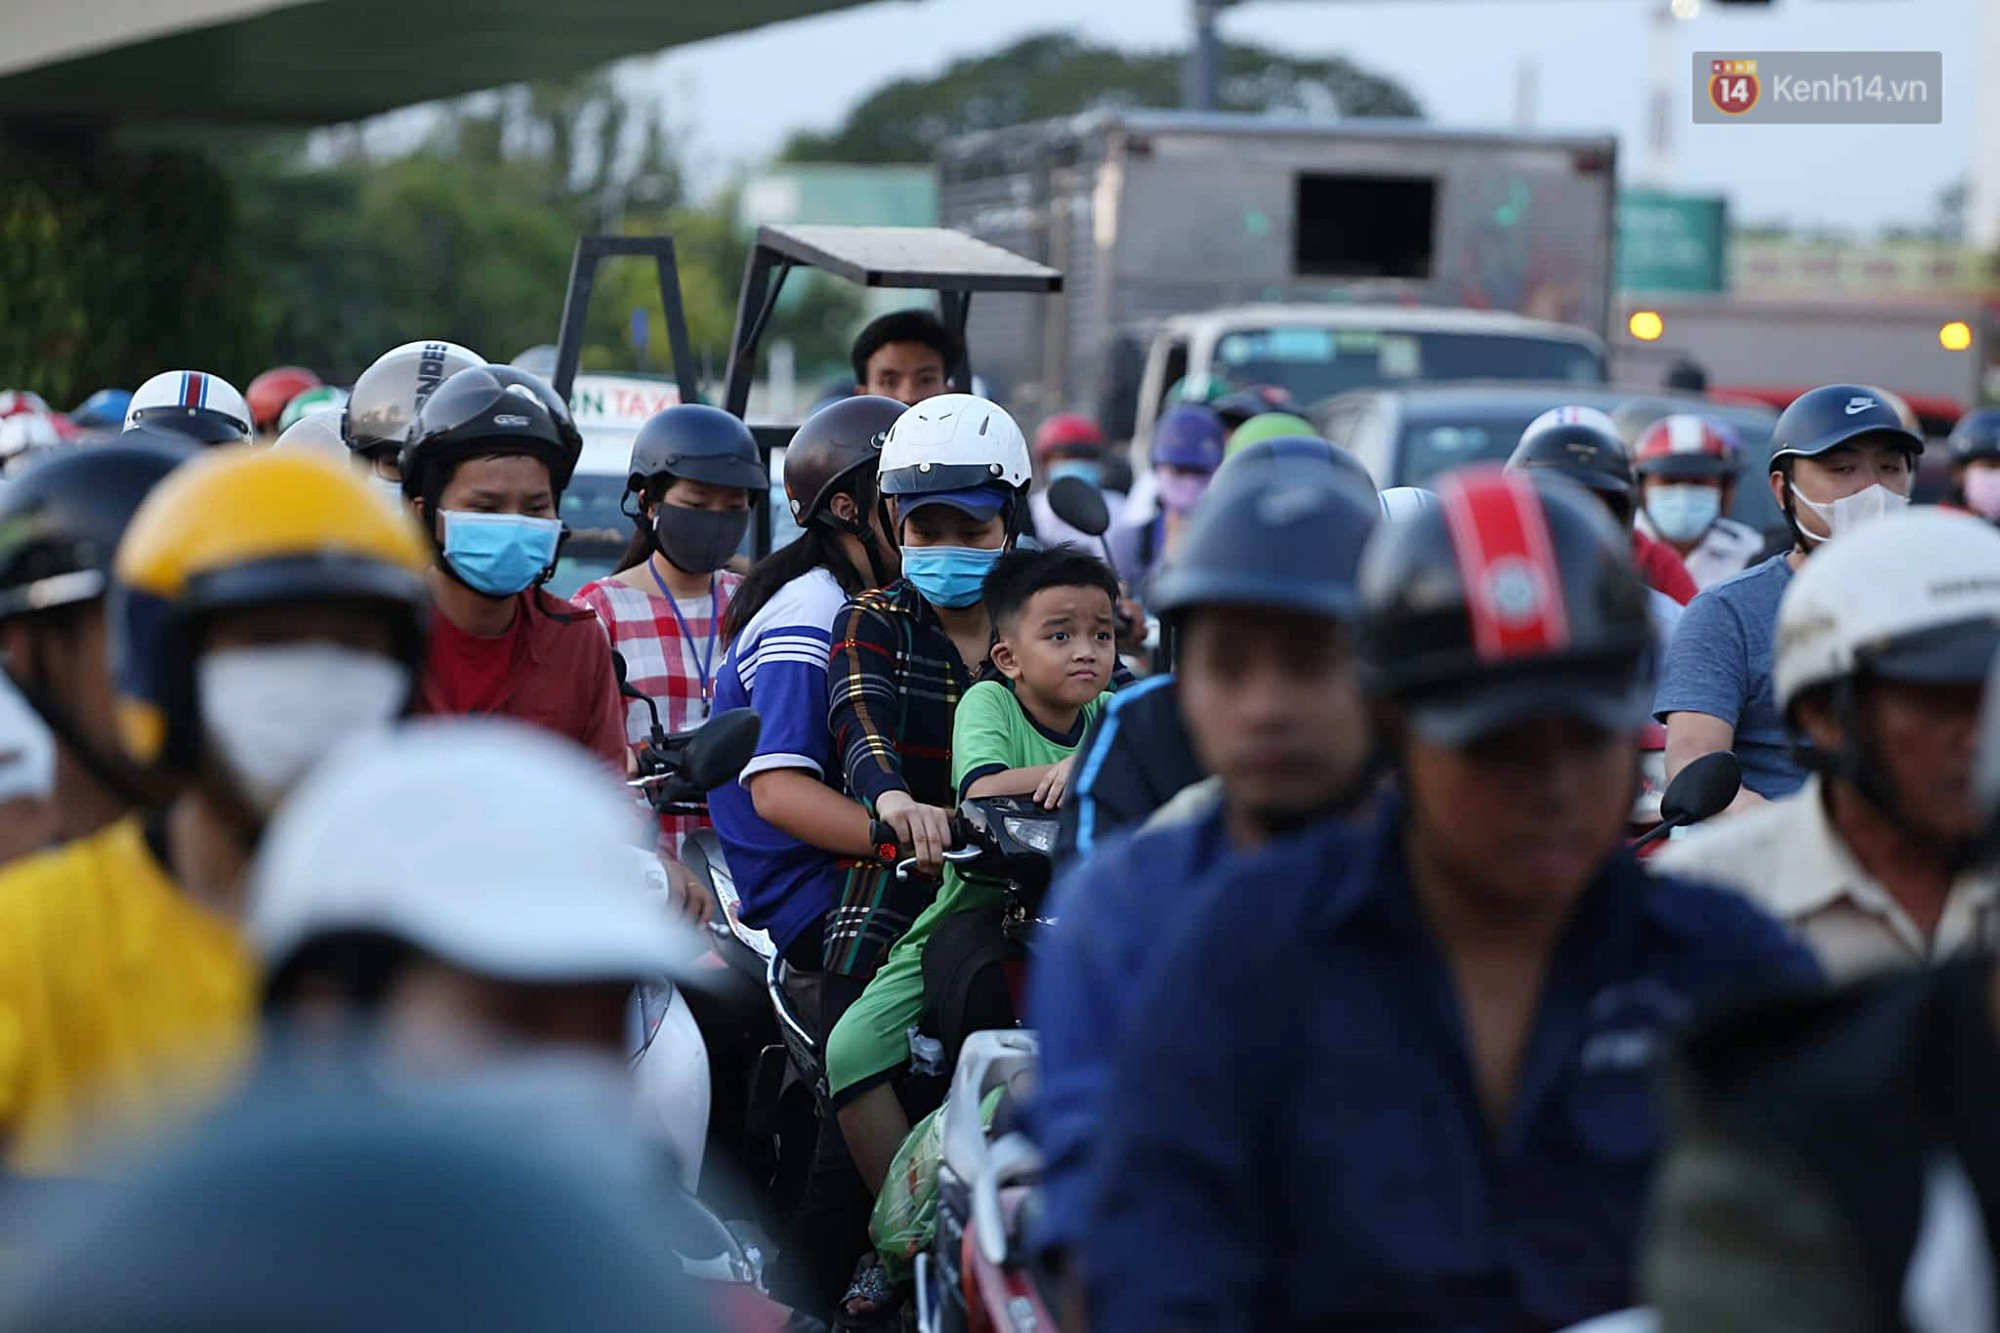 Chùm ảnh khó thở trước kỳ nghỉ lễ: Sân bay Tân Sơn Nhất ùn tắc từ ngoài vào trong - Ảnh 4.